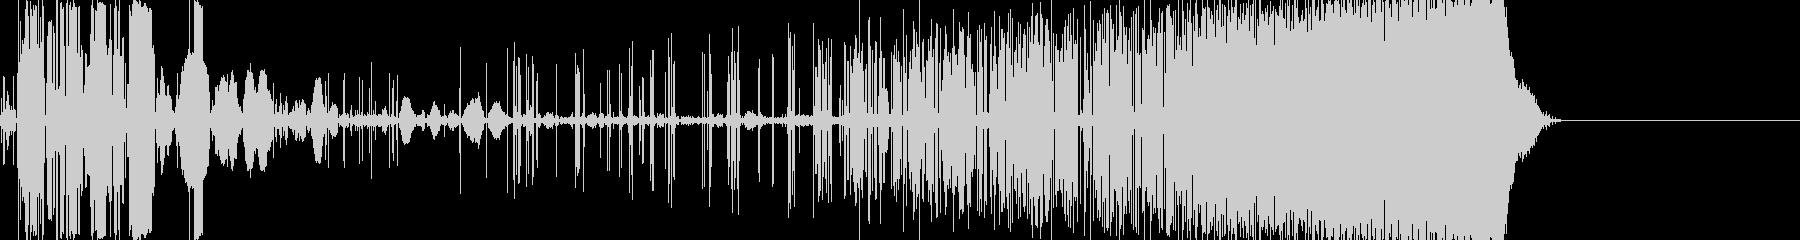 【電子音】 SF デジタルFX 25の未再生の波形